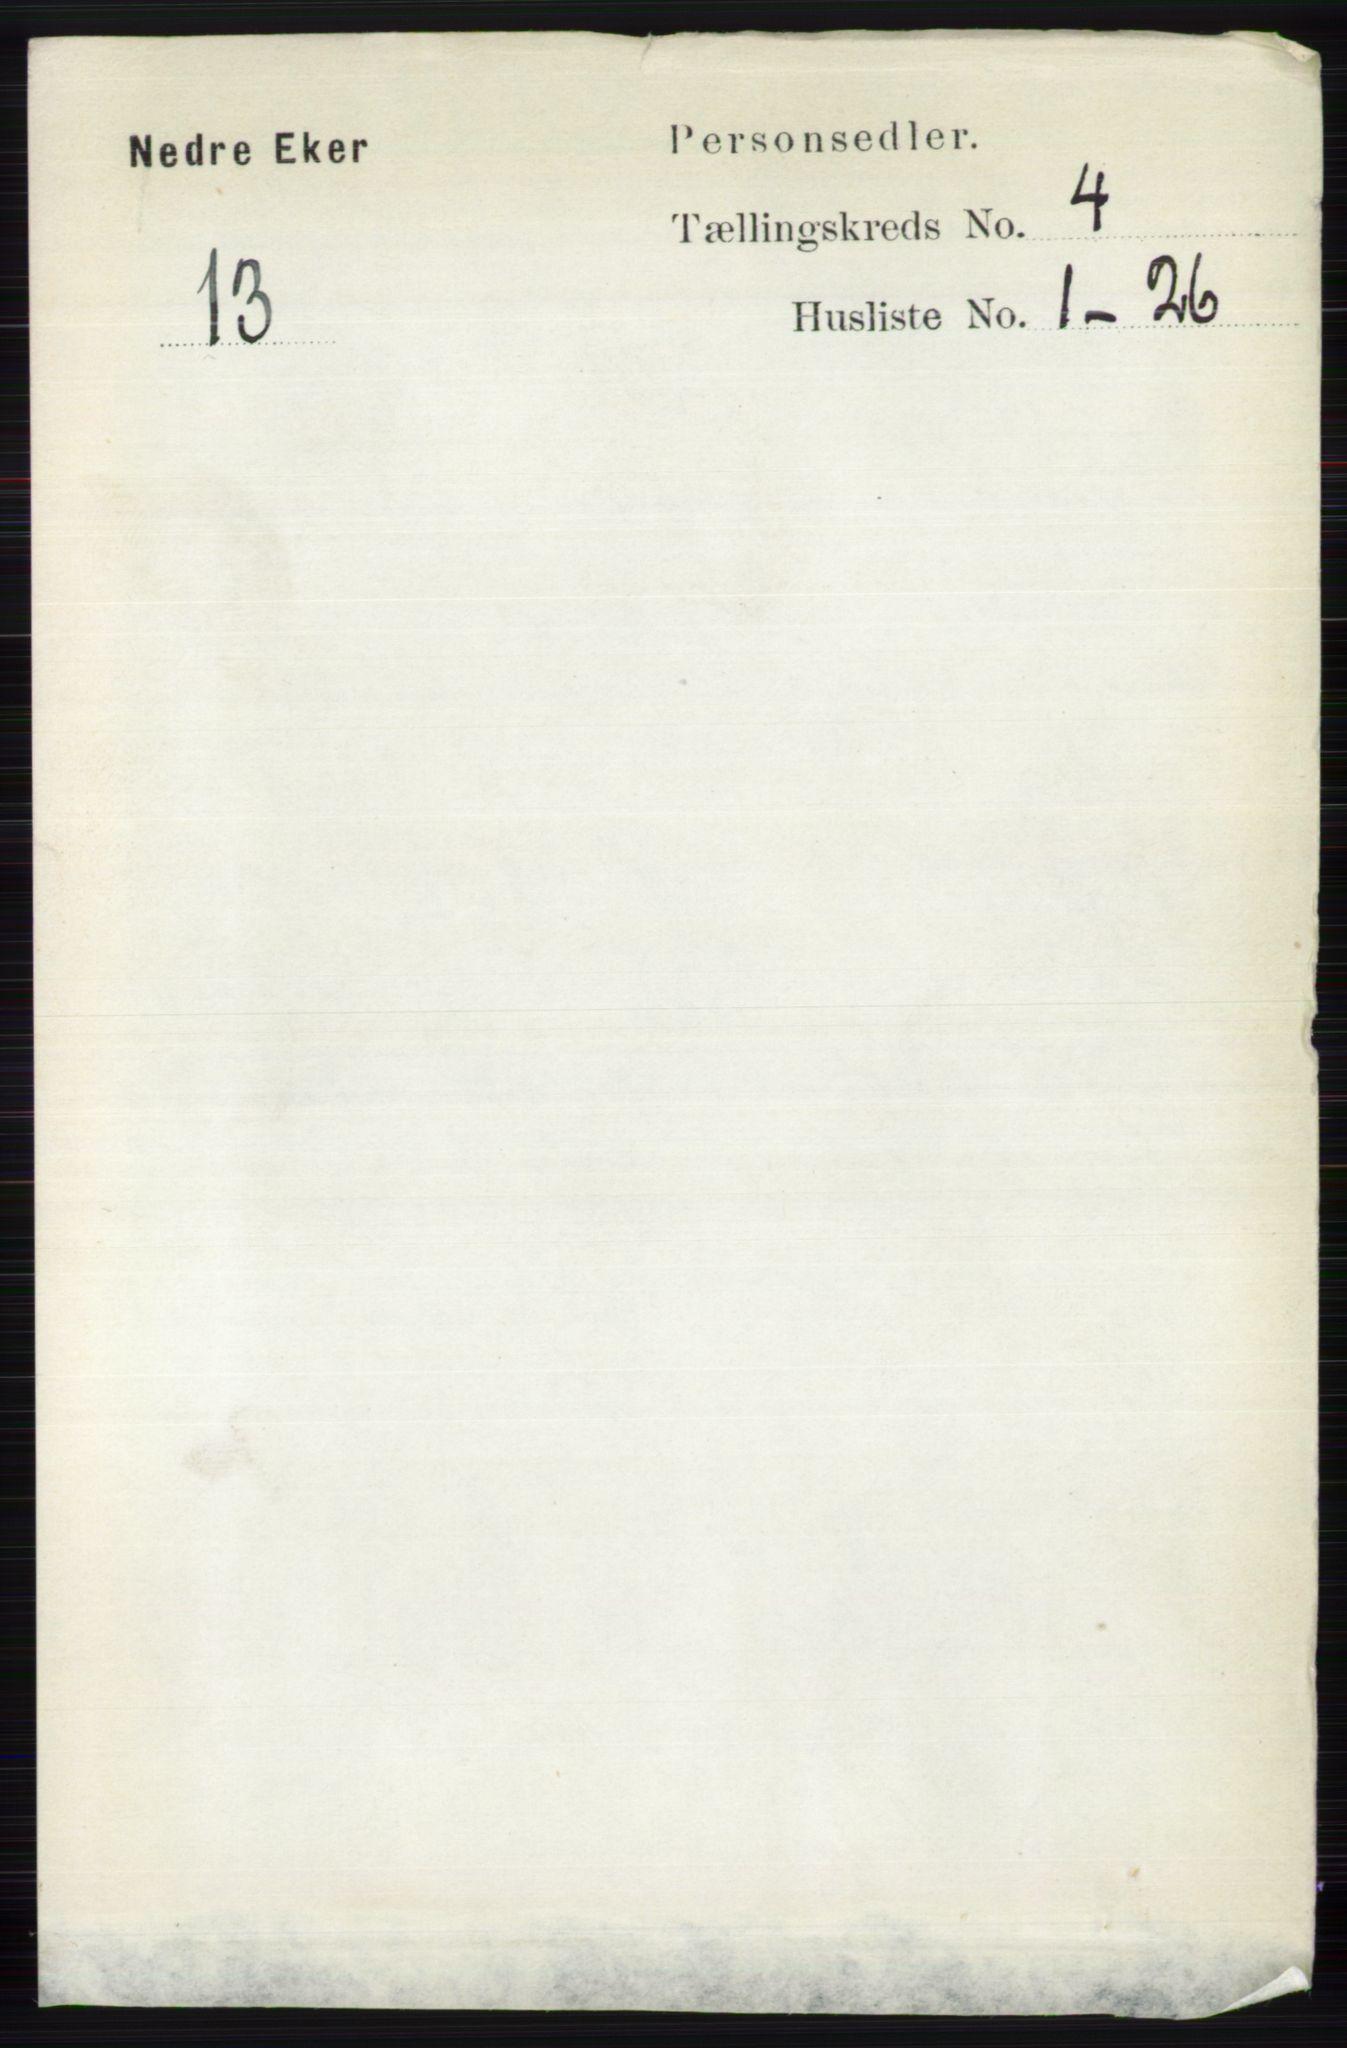 RA, Folketelling 1891 for 0625 Nedre Eiker herred, 1891, s. 1941